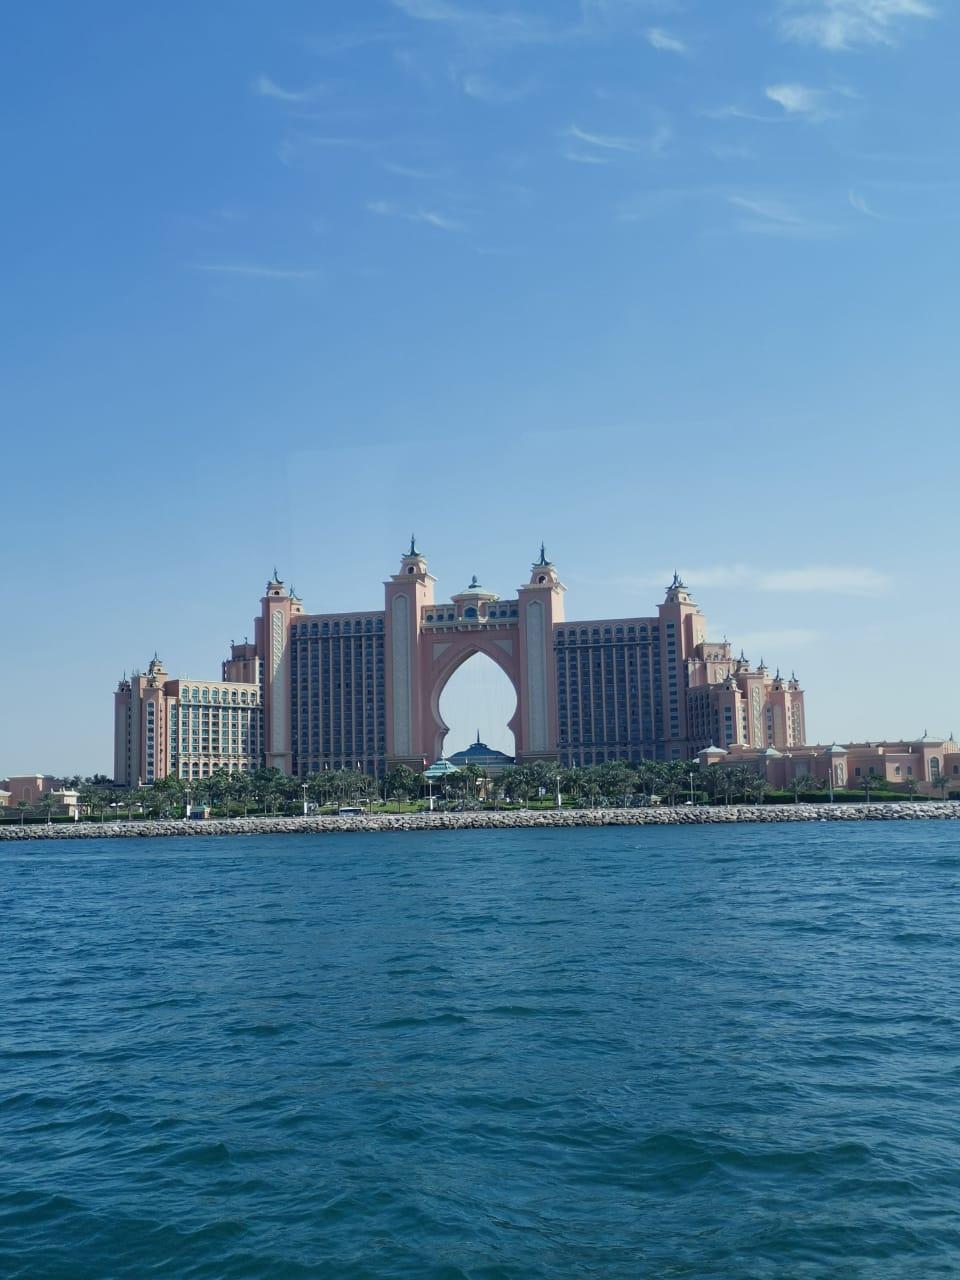 Das Atlantis Hotel The Palm